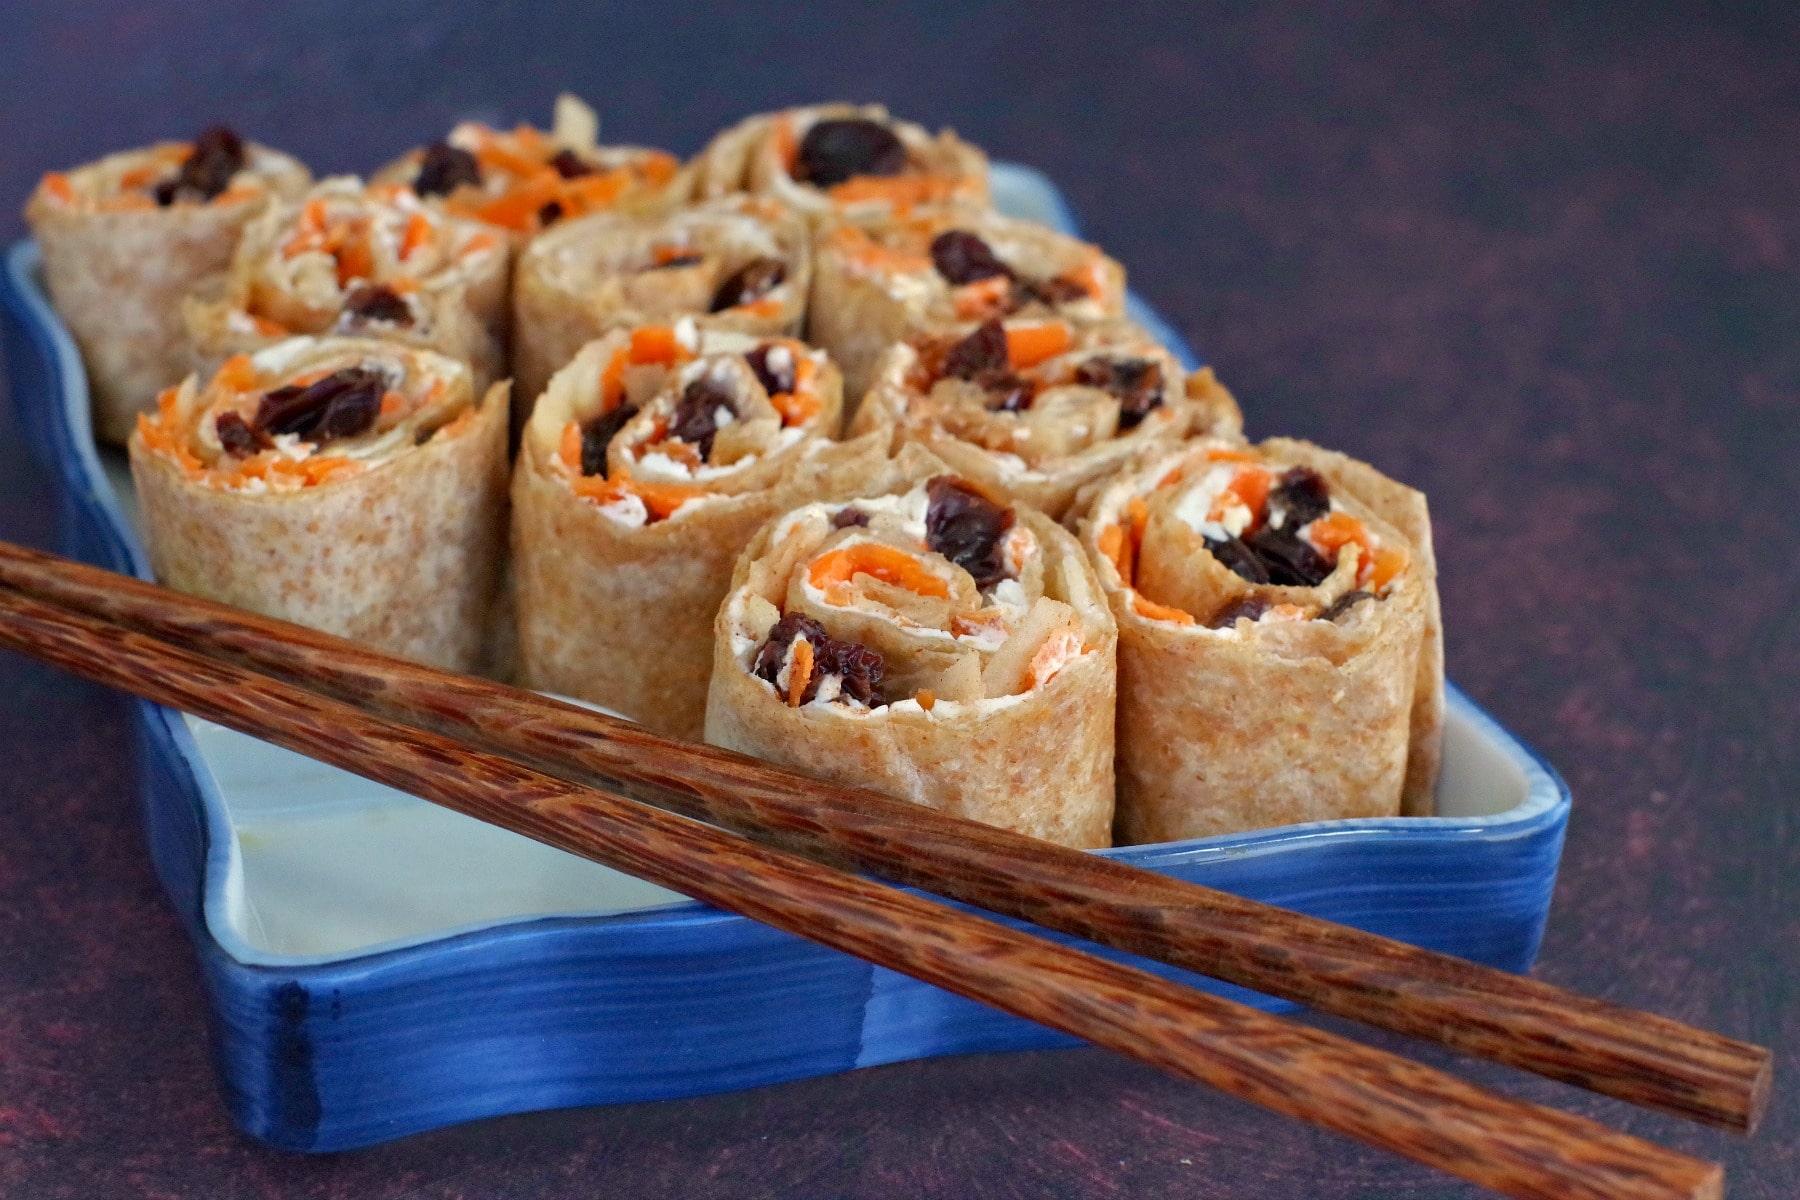 raisin sushi on sushi tray with chopsticks